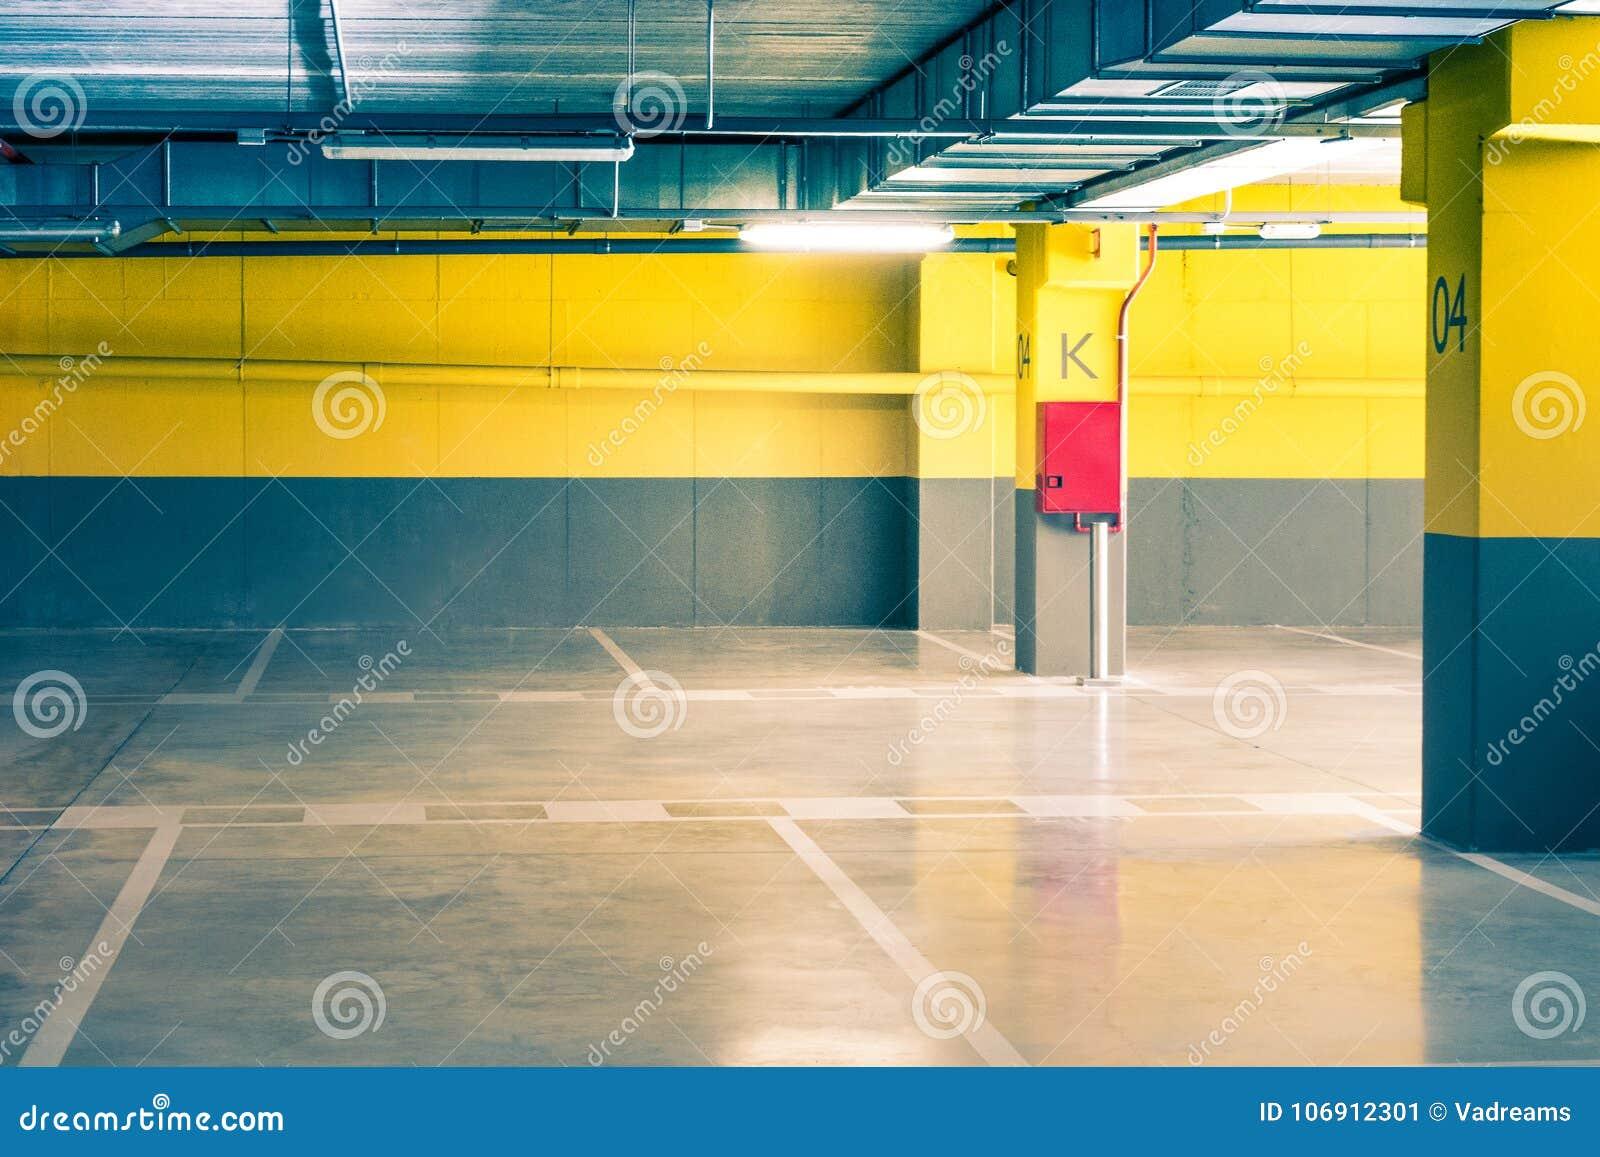 Pusty parking podziemnego garażu wnętrze w mieszkanie domu w supermarkecie lub